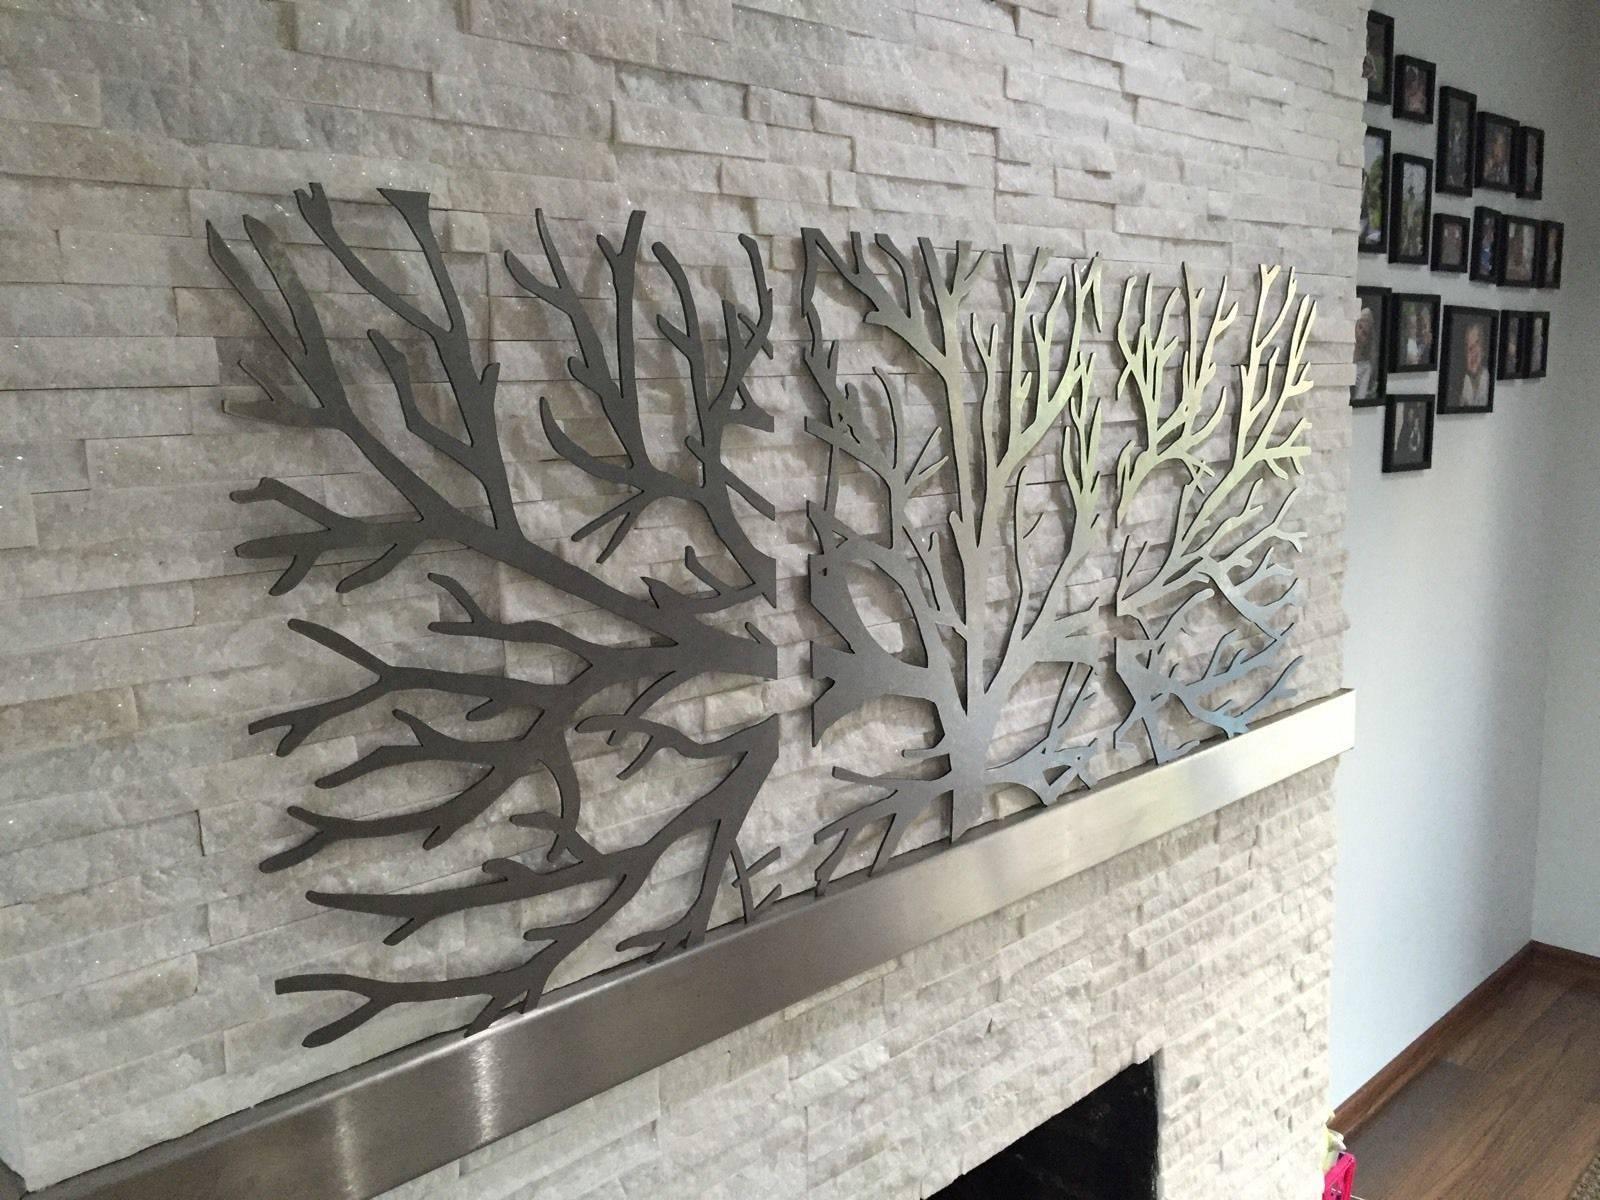 Wall Art 3d Metal Decor | Wallartideas With Latest 3d Metal Wall Art Sculptures (View 8 of 20)